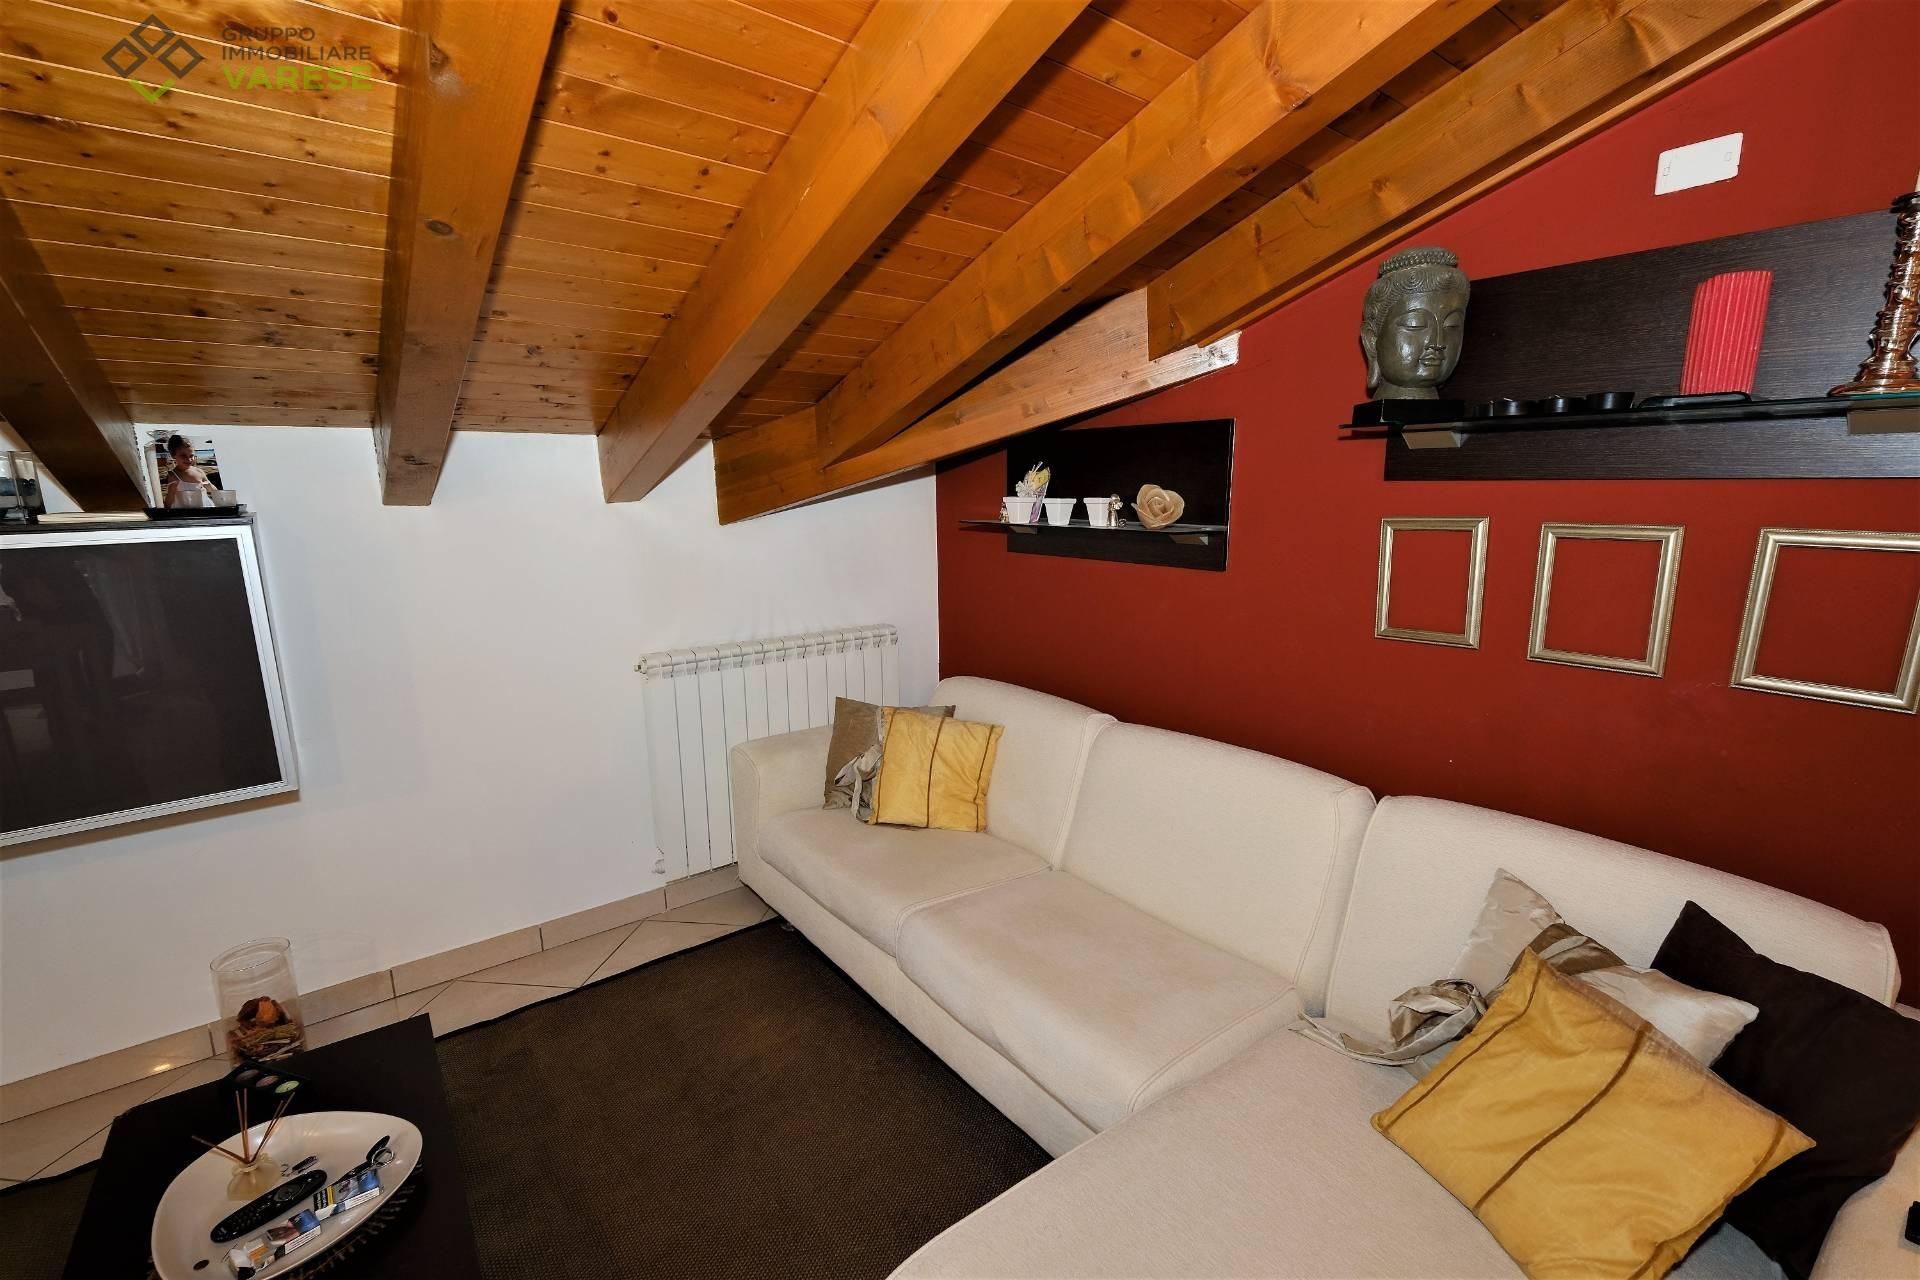 Appartamento in vendita a Besano, 3 locali, prezzo € 120.000 | CambioCasa.it